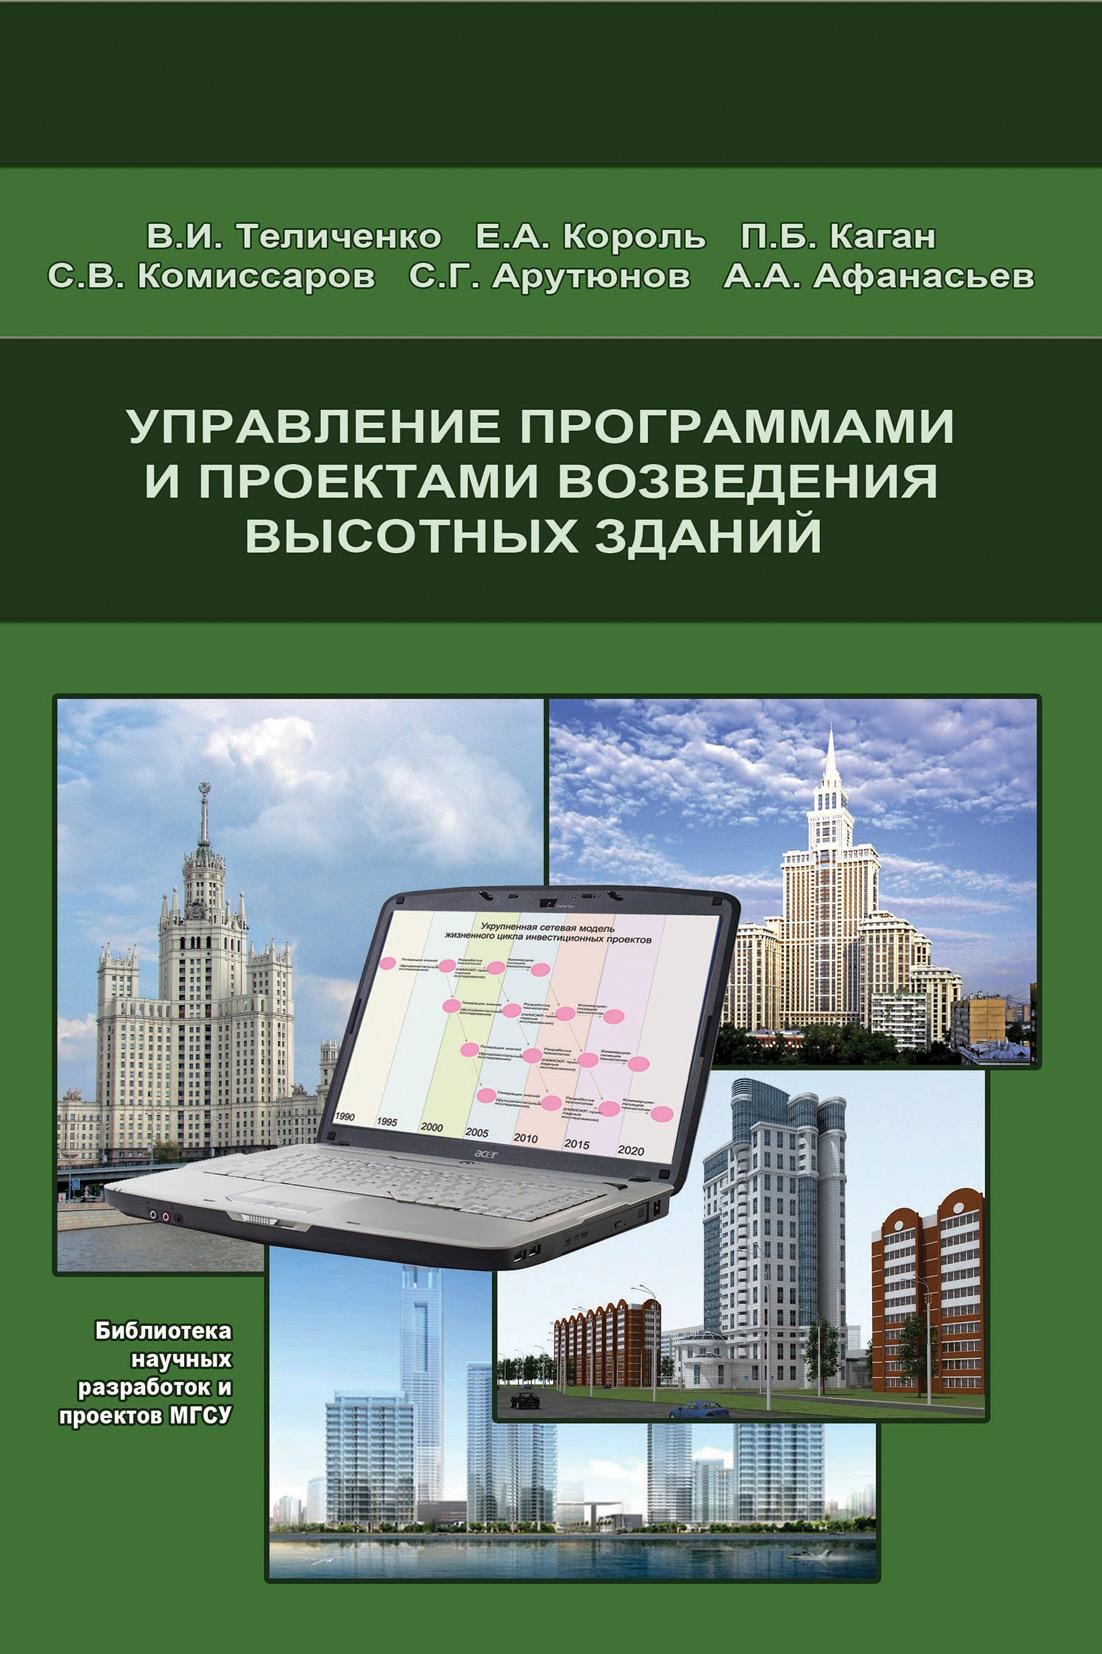 Е. А. Король Управление программами и проектами возведения высотных зданий неизвестный автор конструкции высотных зданий